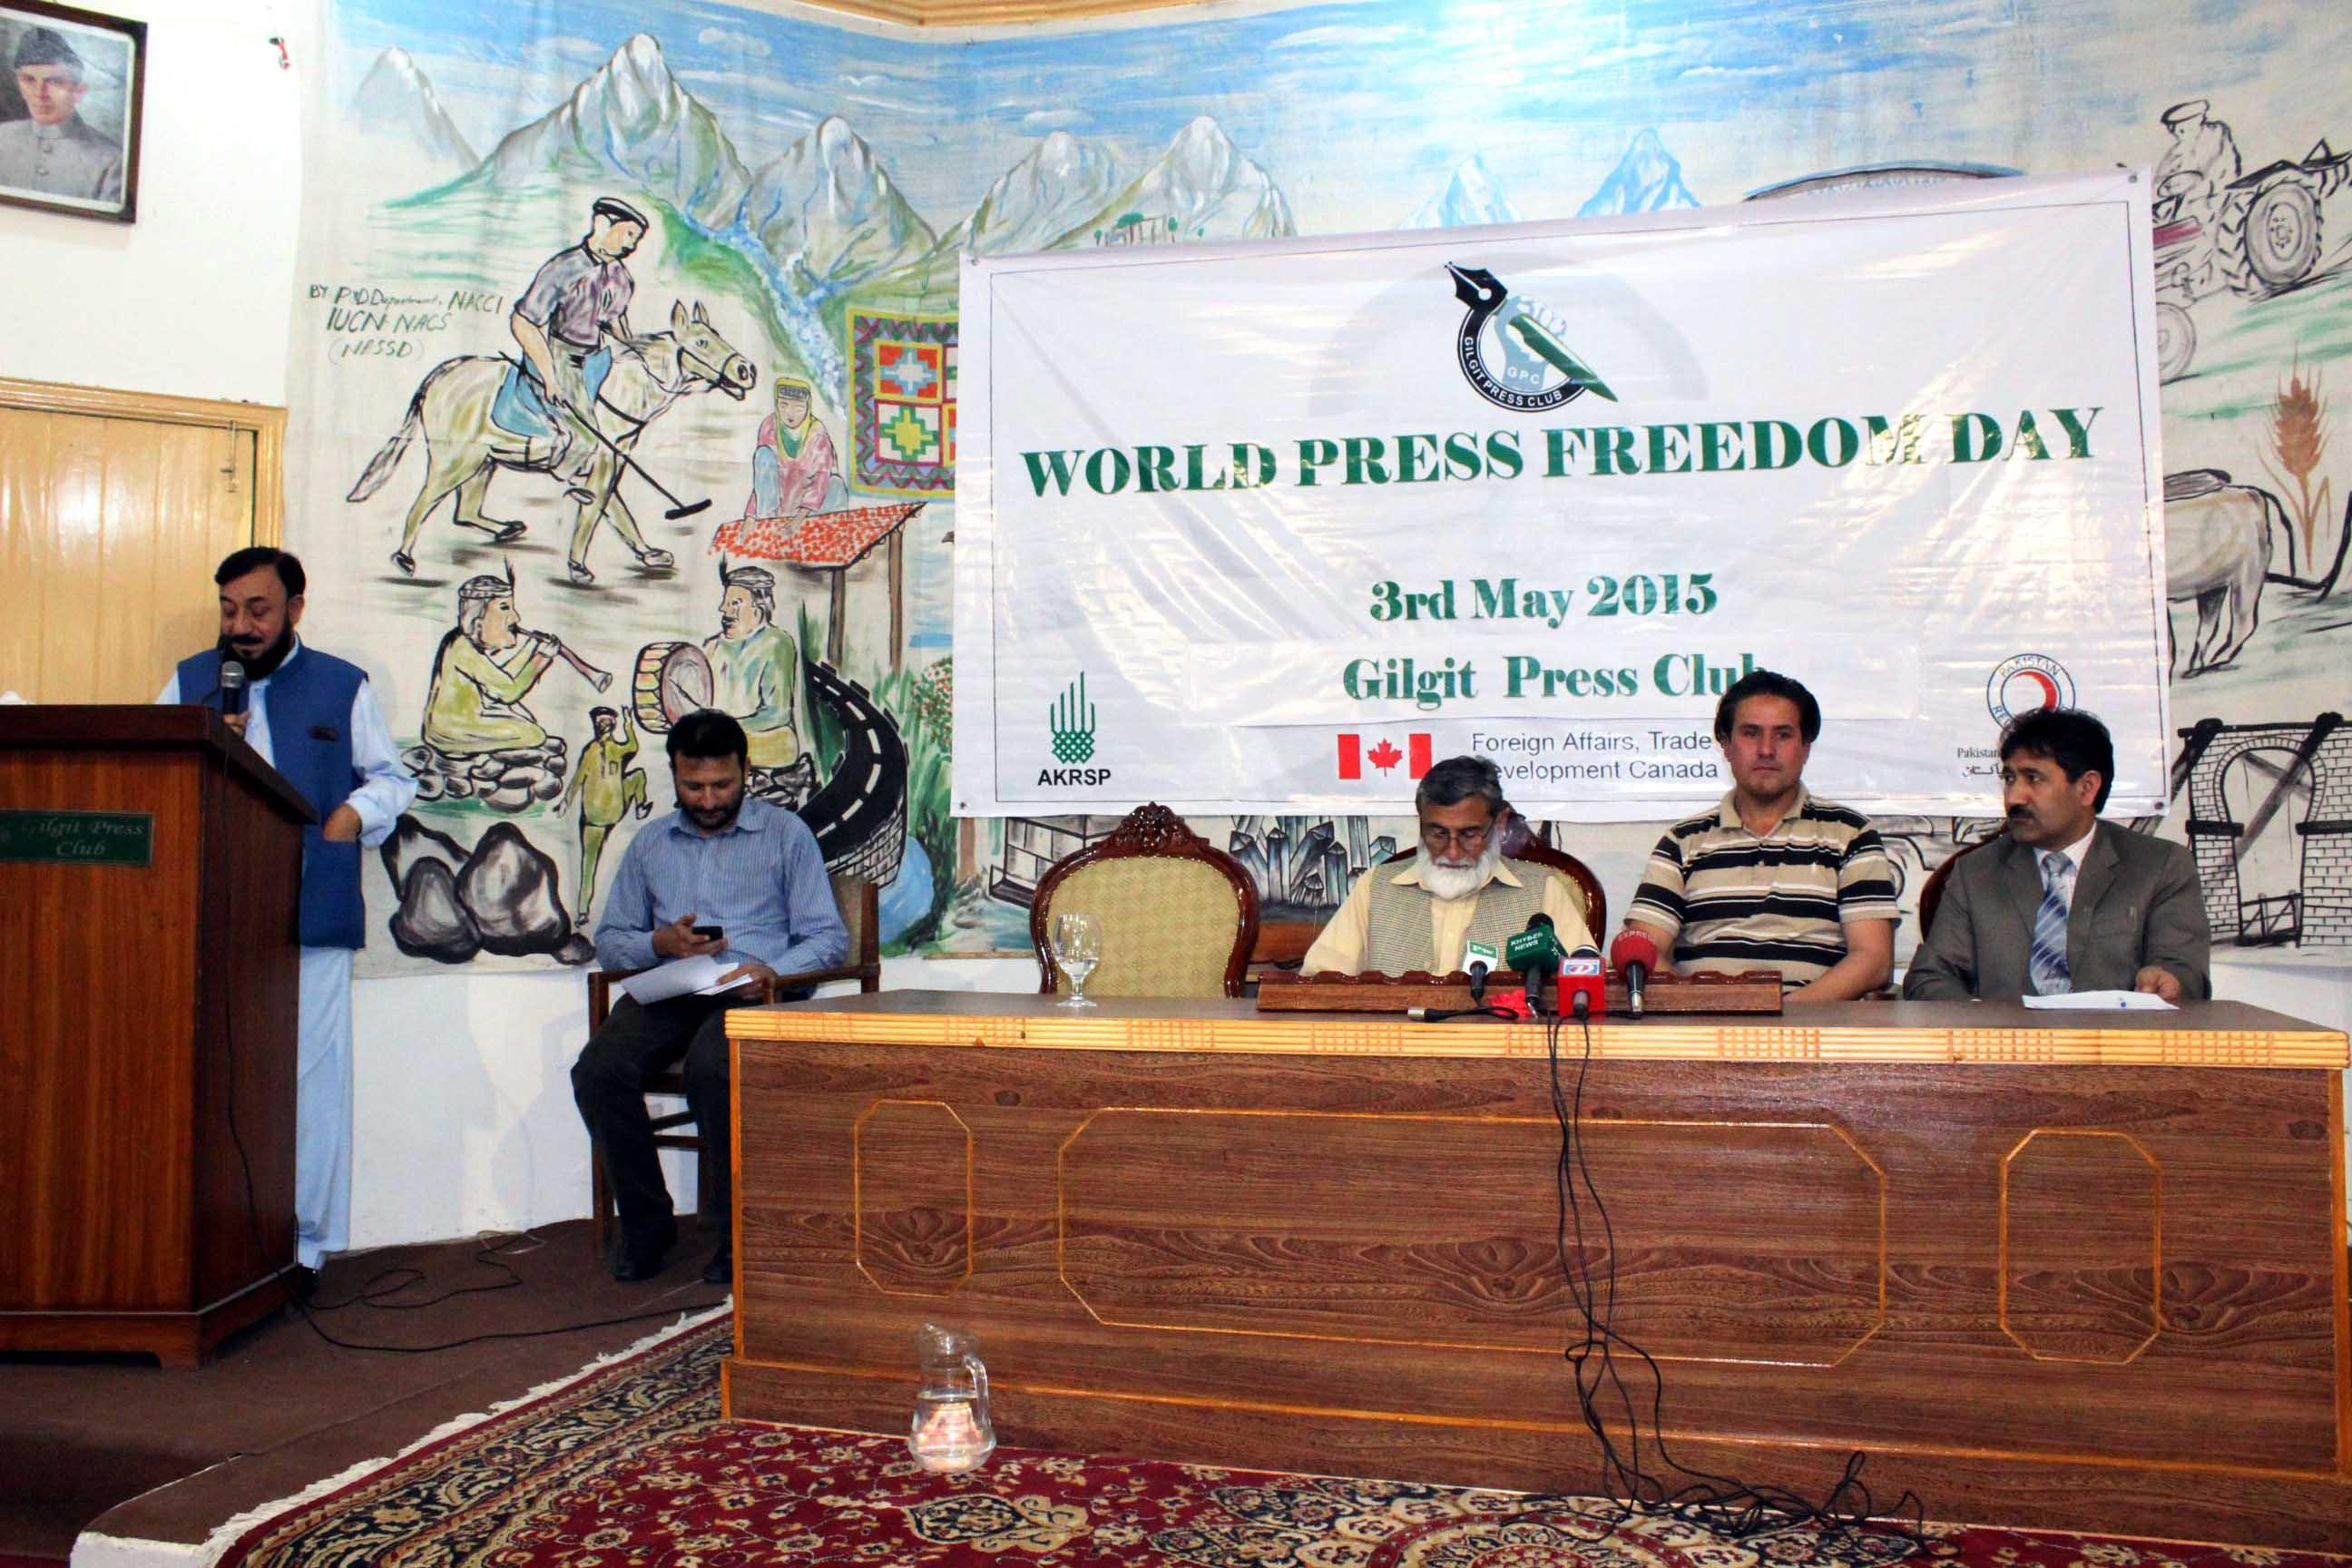 عالمی یوم صحافت پر گلگت پریس کلب میں تقریب منعقد،نگران وزرا شریک ہوے، صحافیوں کے مسائل حل کرنے کے عزم کااظہار